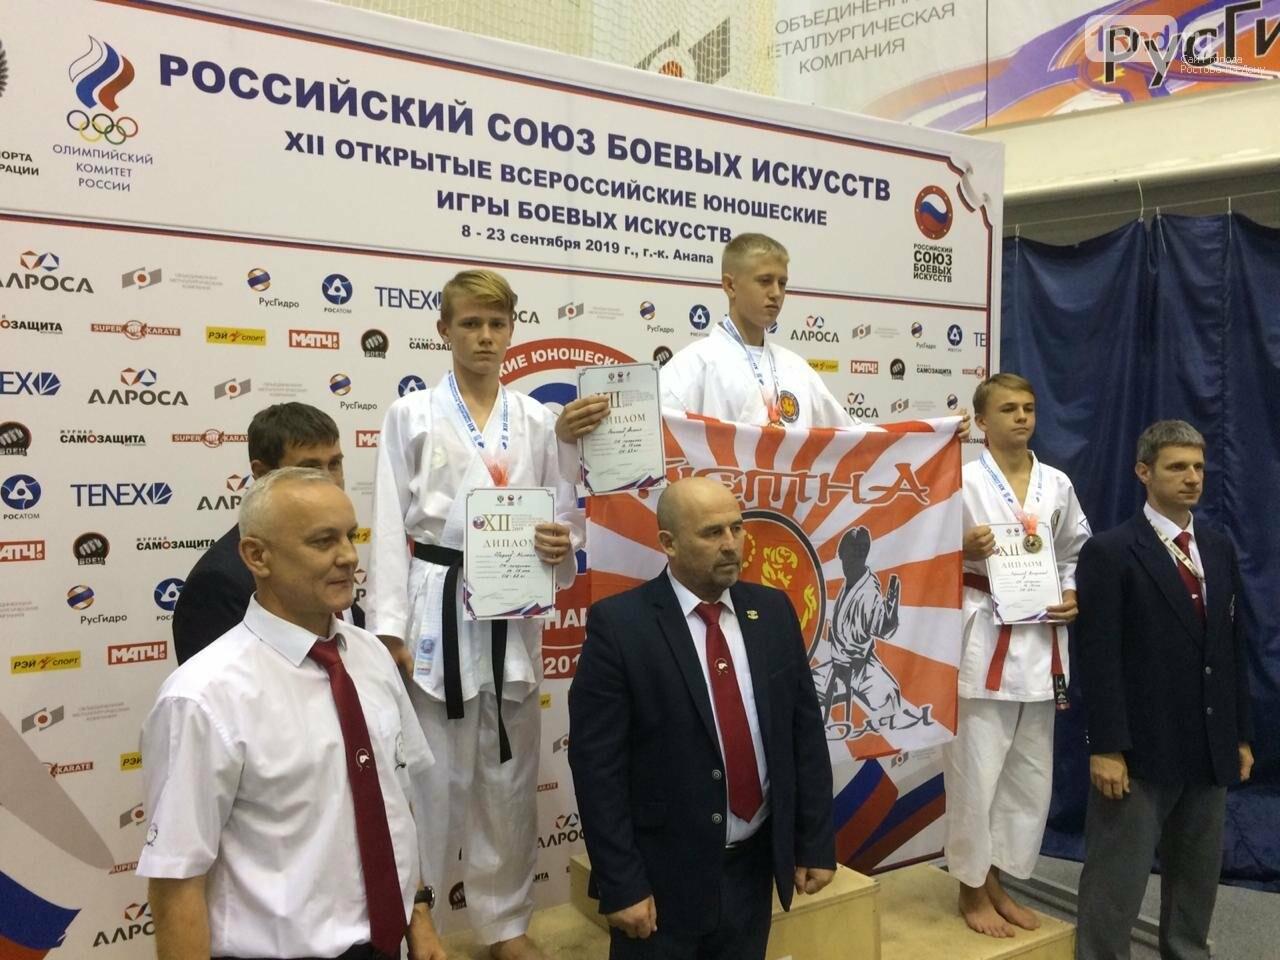 Юные каратисты из Ростовской области заняли восемь первых мест на всероссийских соревнованиях, фото-3